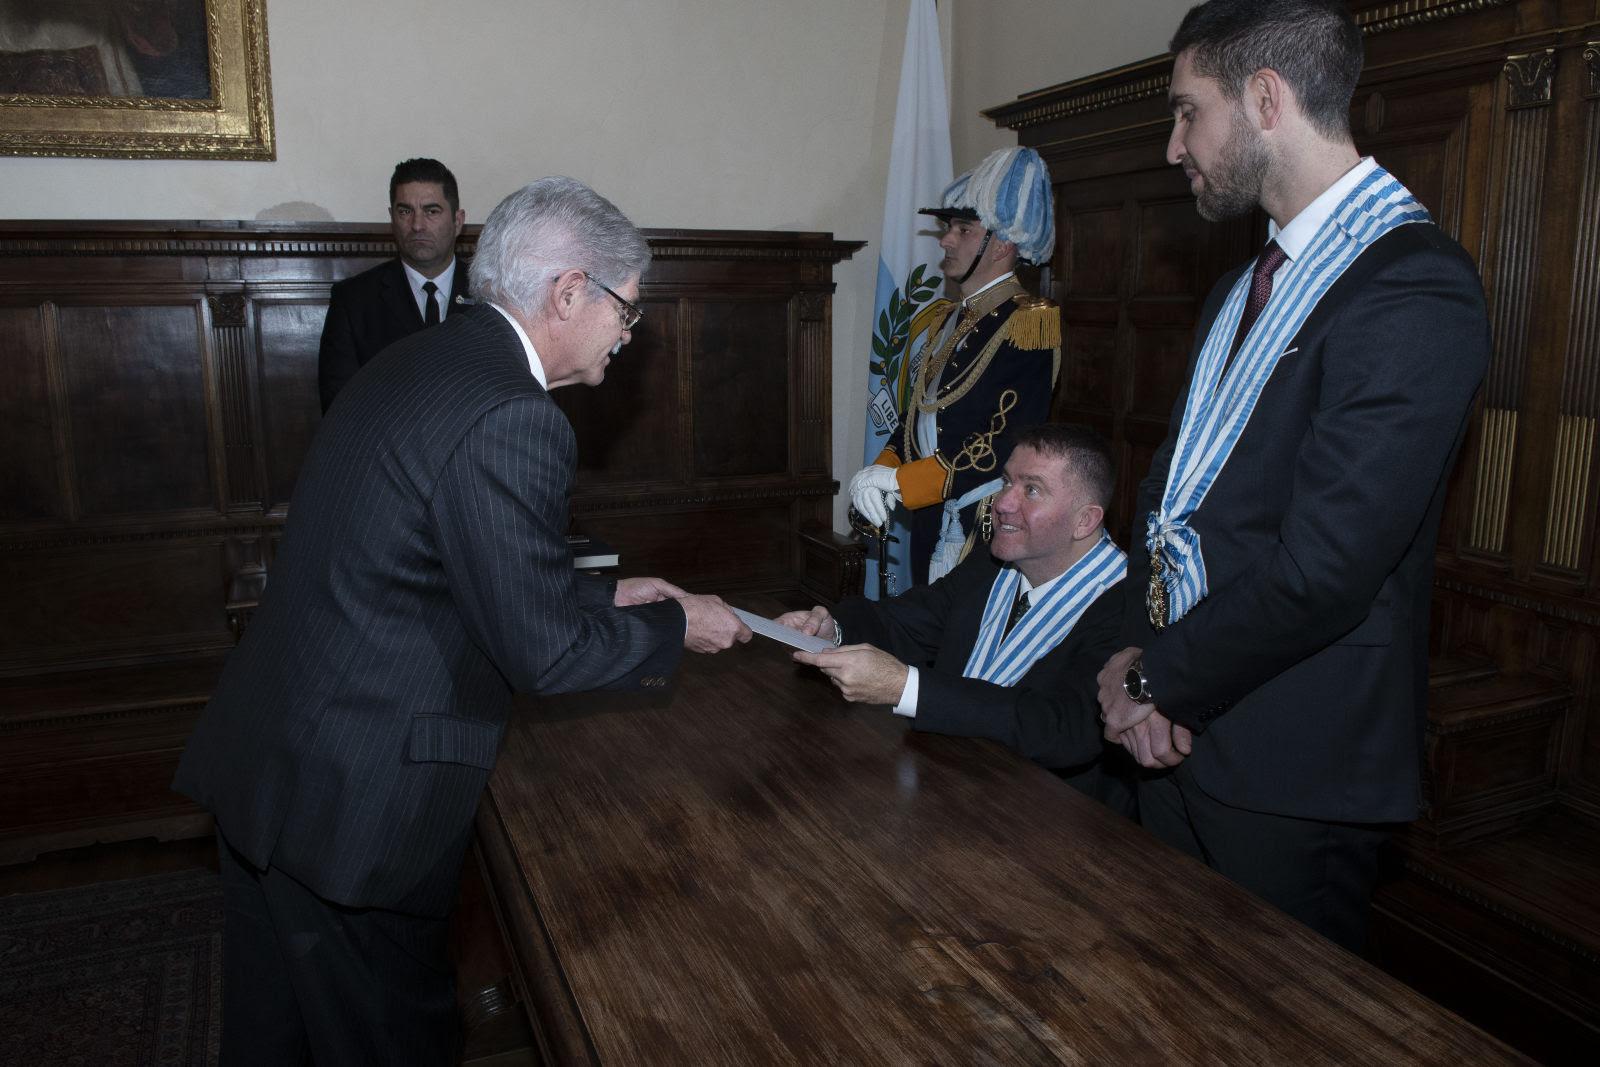 L'ambasciatore spagnolo Alfonso Dastis ha presentato le lettere credenziali